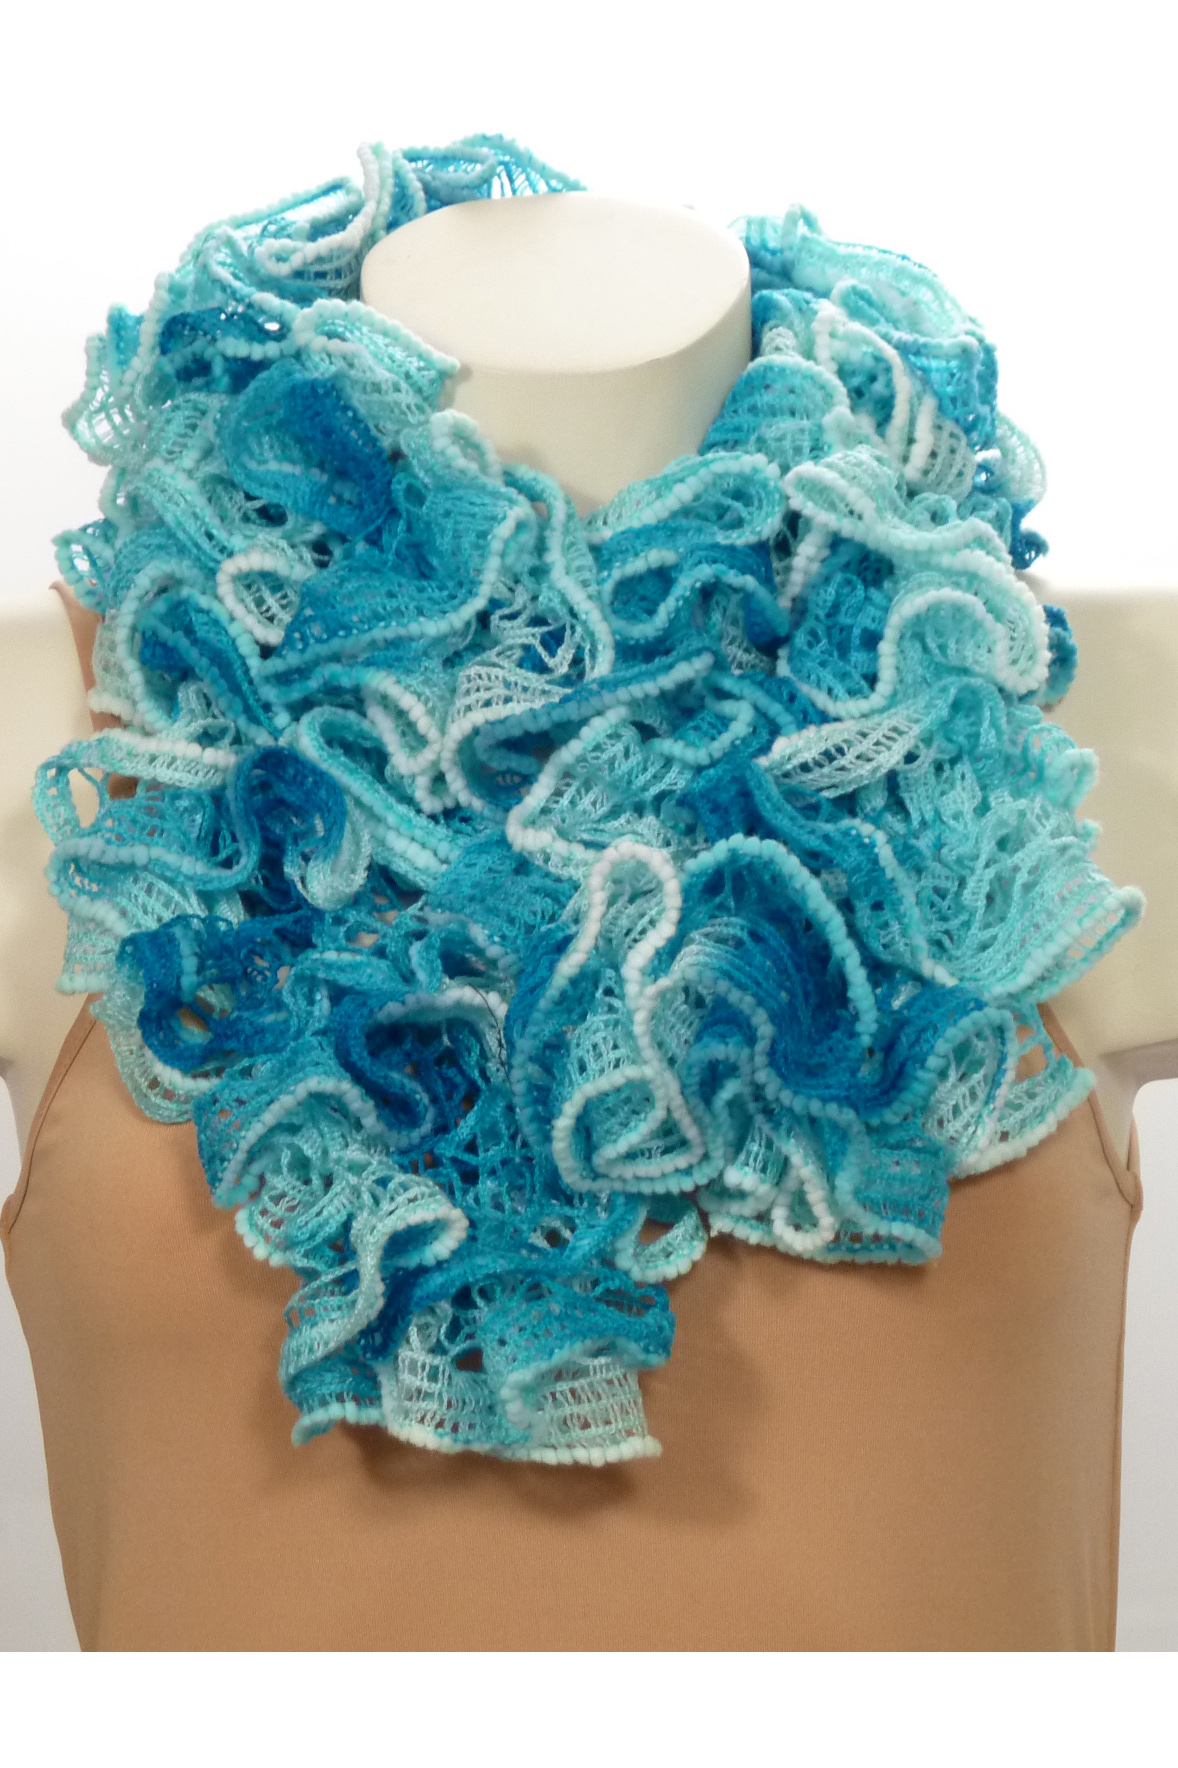 ШарфШарфы<br>Вязанный шарф придаст вашему образу романтичности. Этот удобный длинный кружевной шарф вяжут оригинальным узором,  который позволяет создать эффектные воланы.  Длина шарфа 1,5 метра.  В изделии использованы цвета: бирюзовый<br><br>По сезону: Зима<br>Размер : UNI<br>Материал: Вязаное полотно<br>Количество в наличии: 3